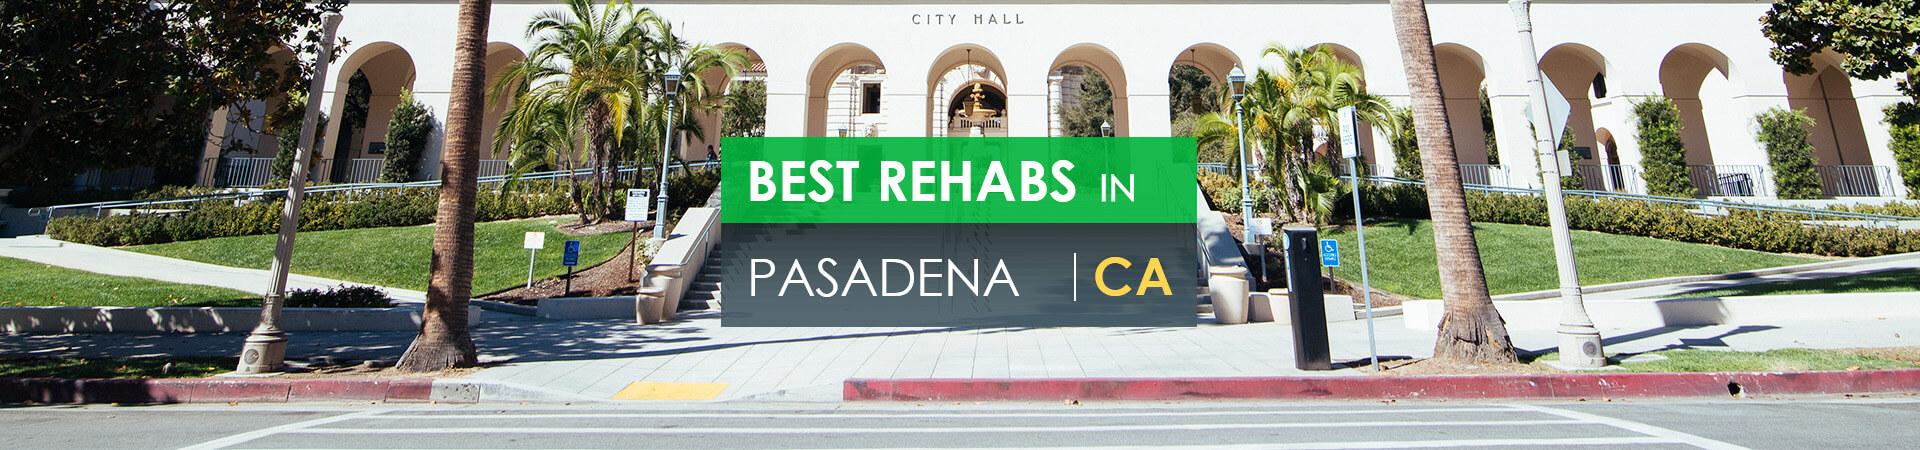 Best rehabs in Pasadena, CA